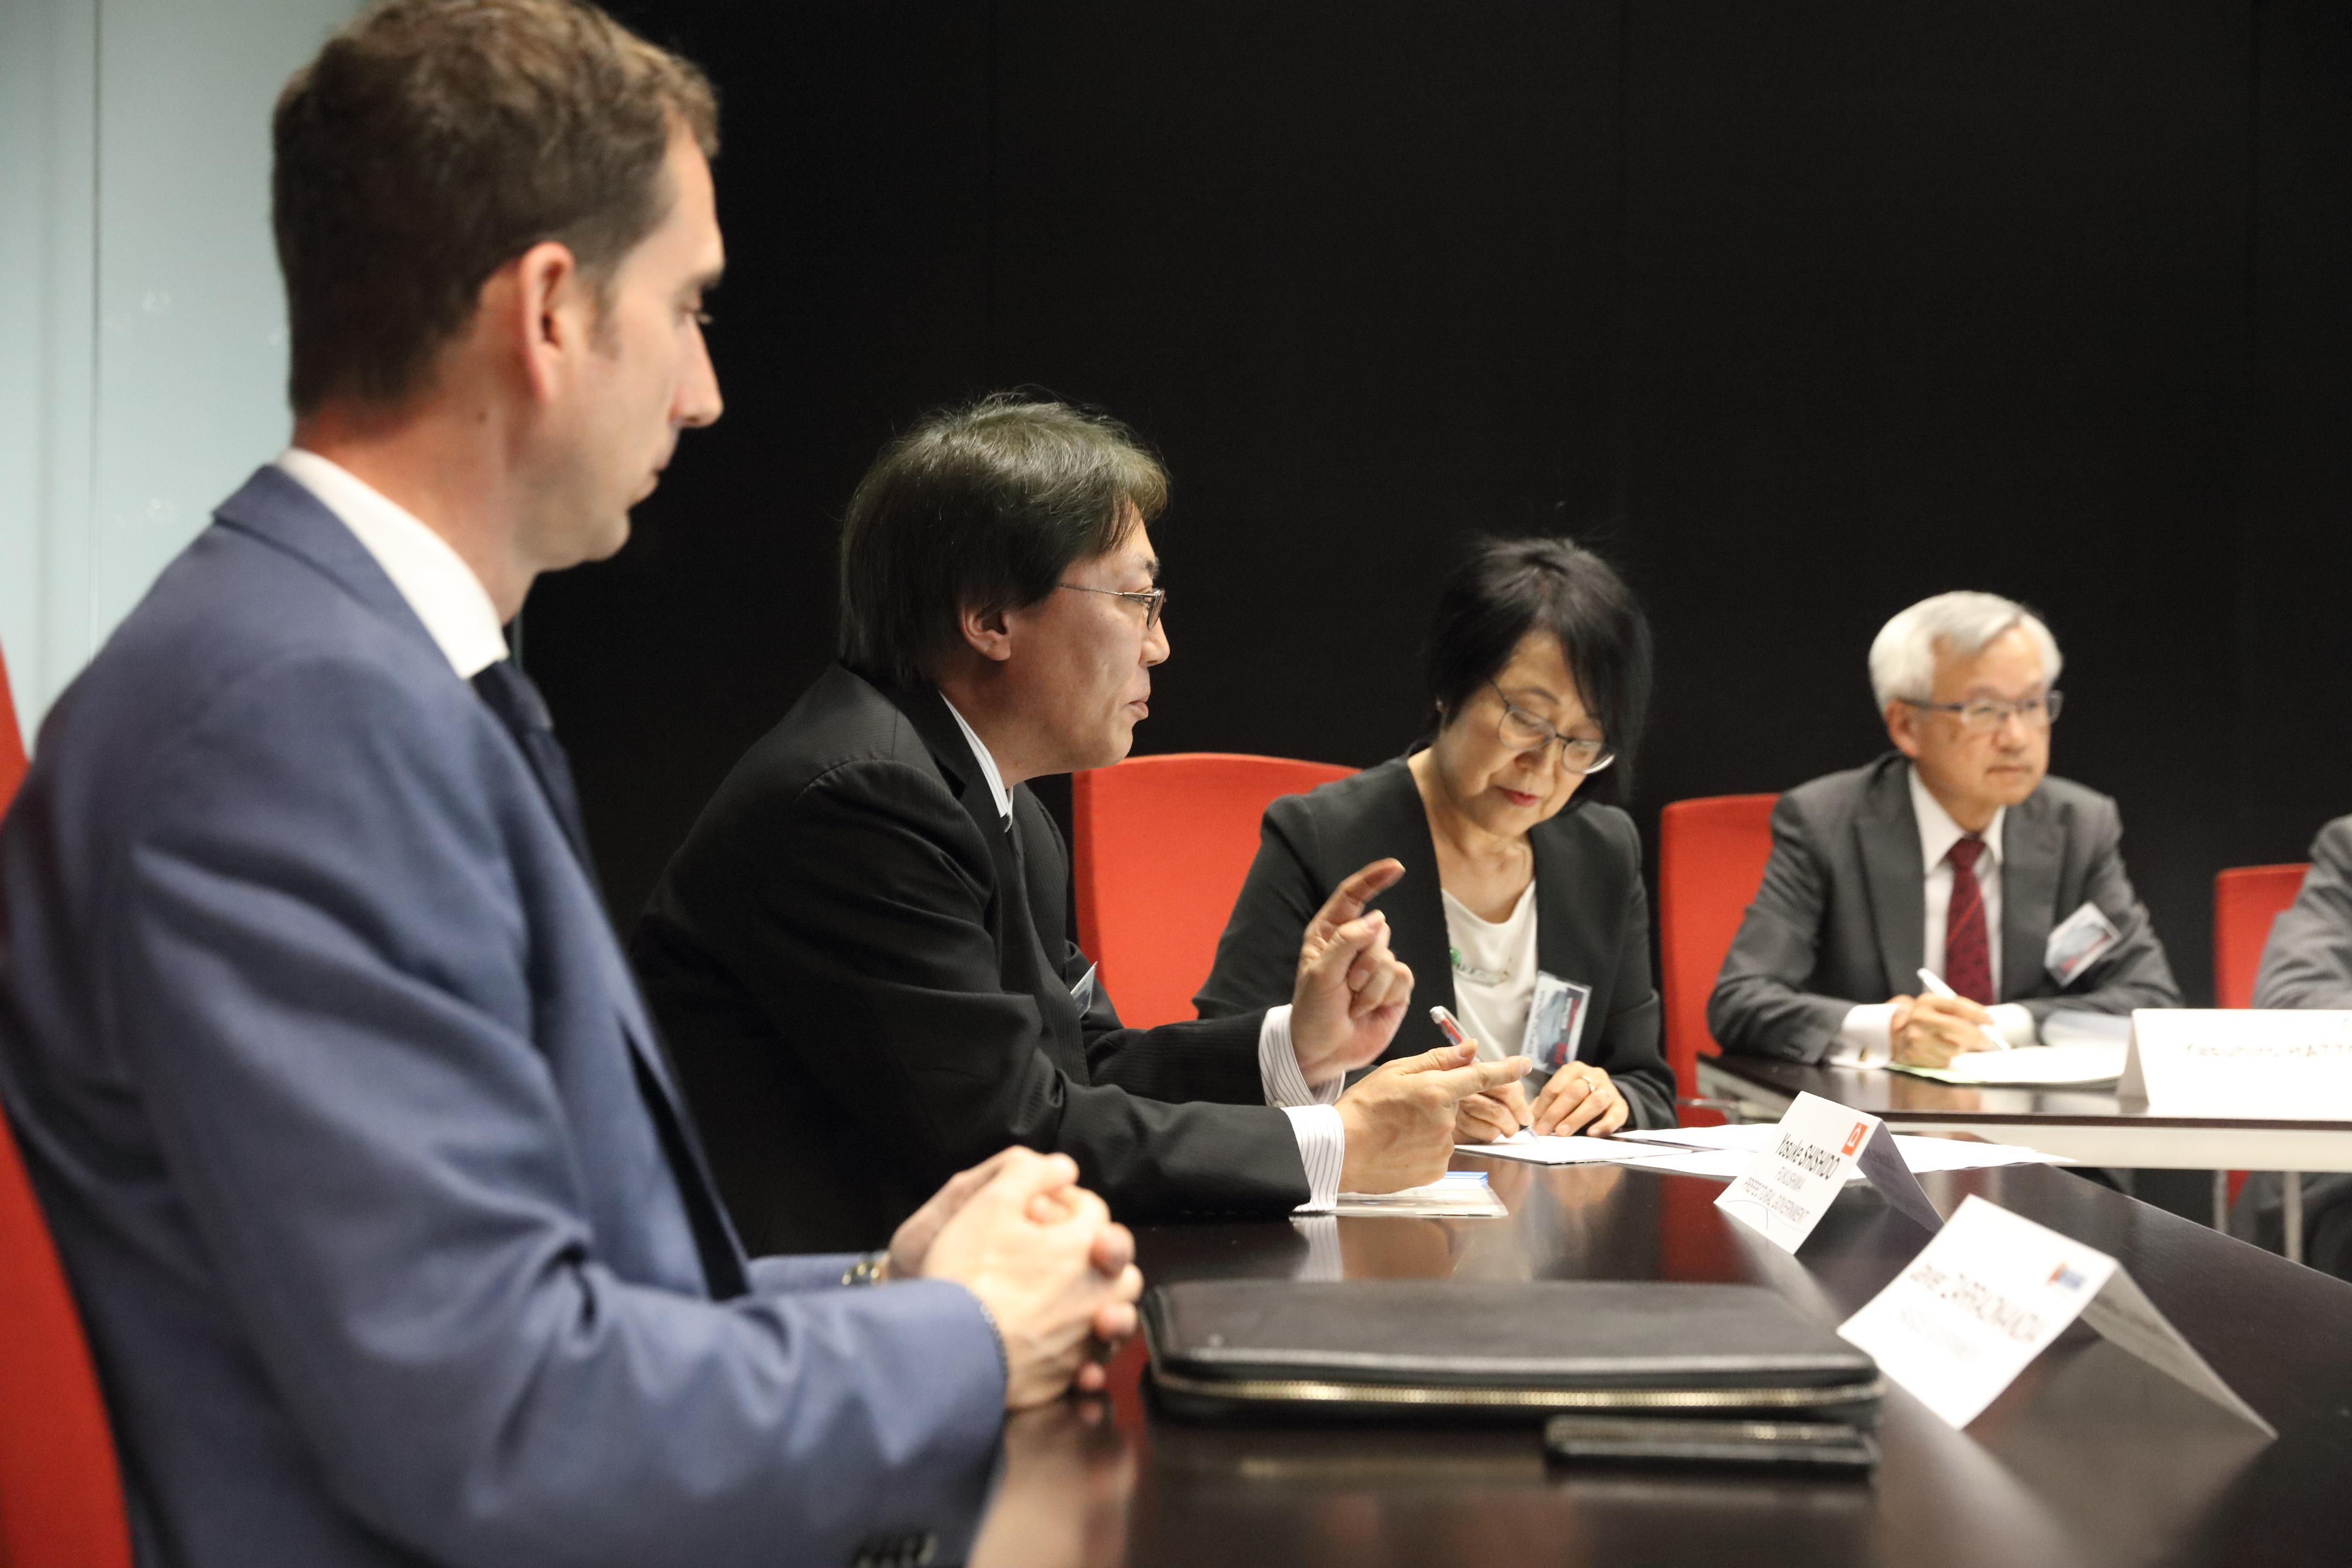 Acuerdo_Fukusima_007.JPG